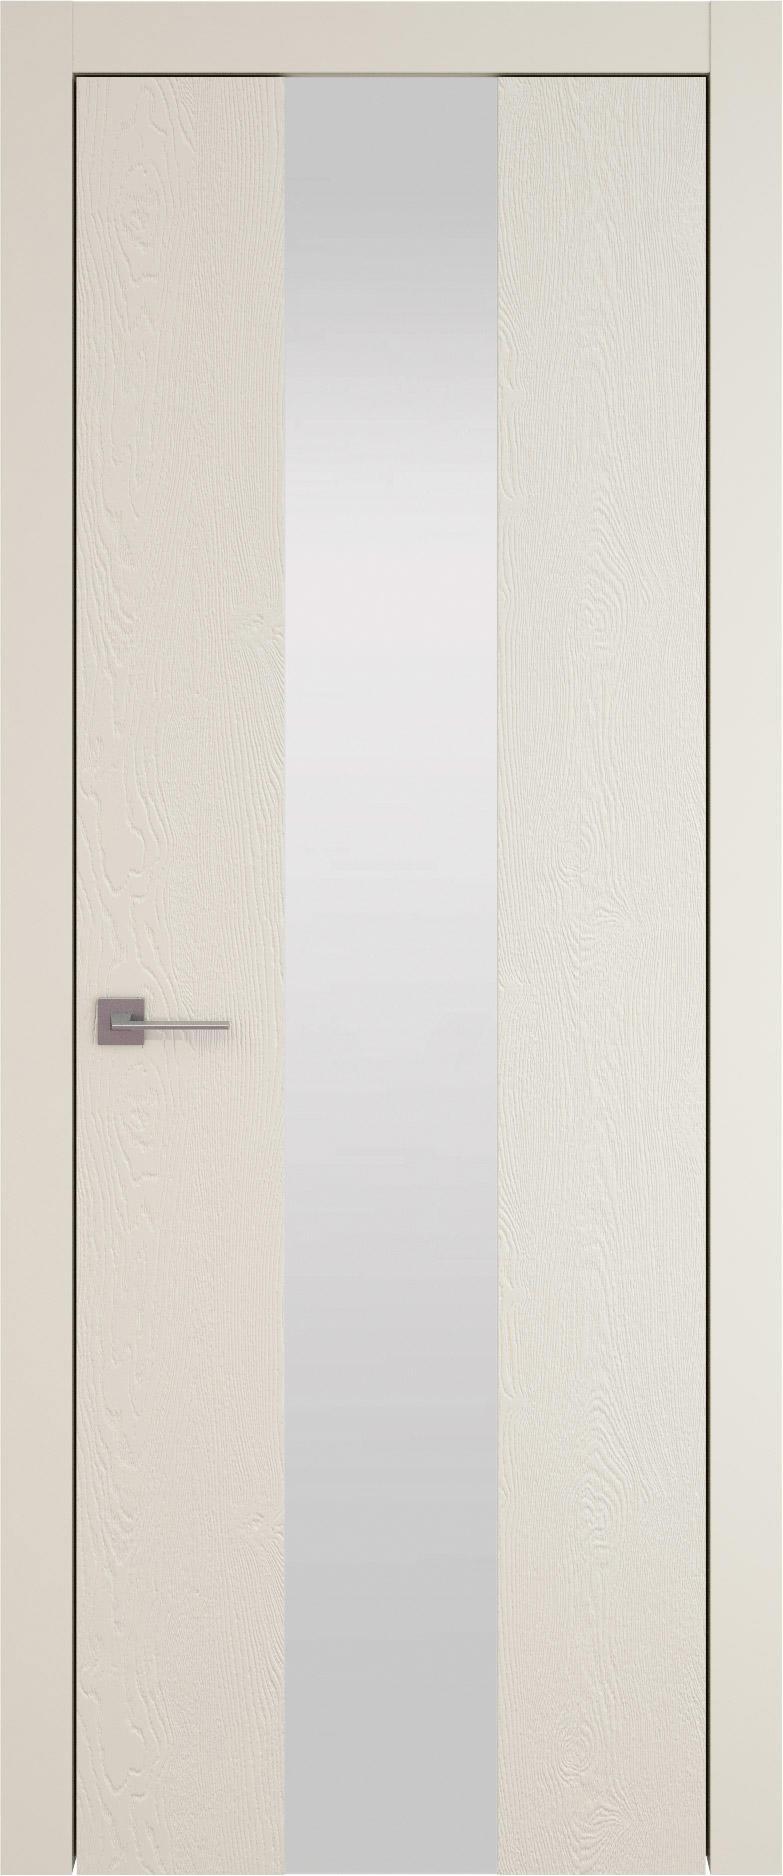 Tivoli Ж-1 цвет - Жемчужная эмаль по шпону (RAL 1013) Со стеклом (ДО)